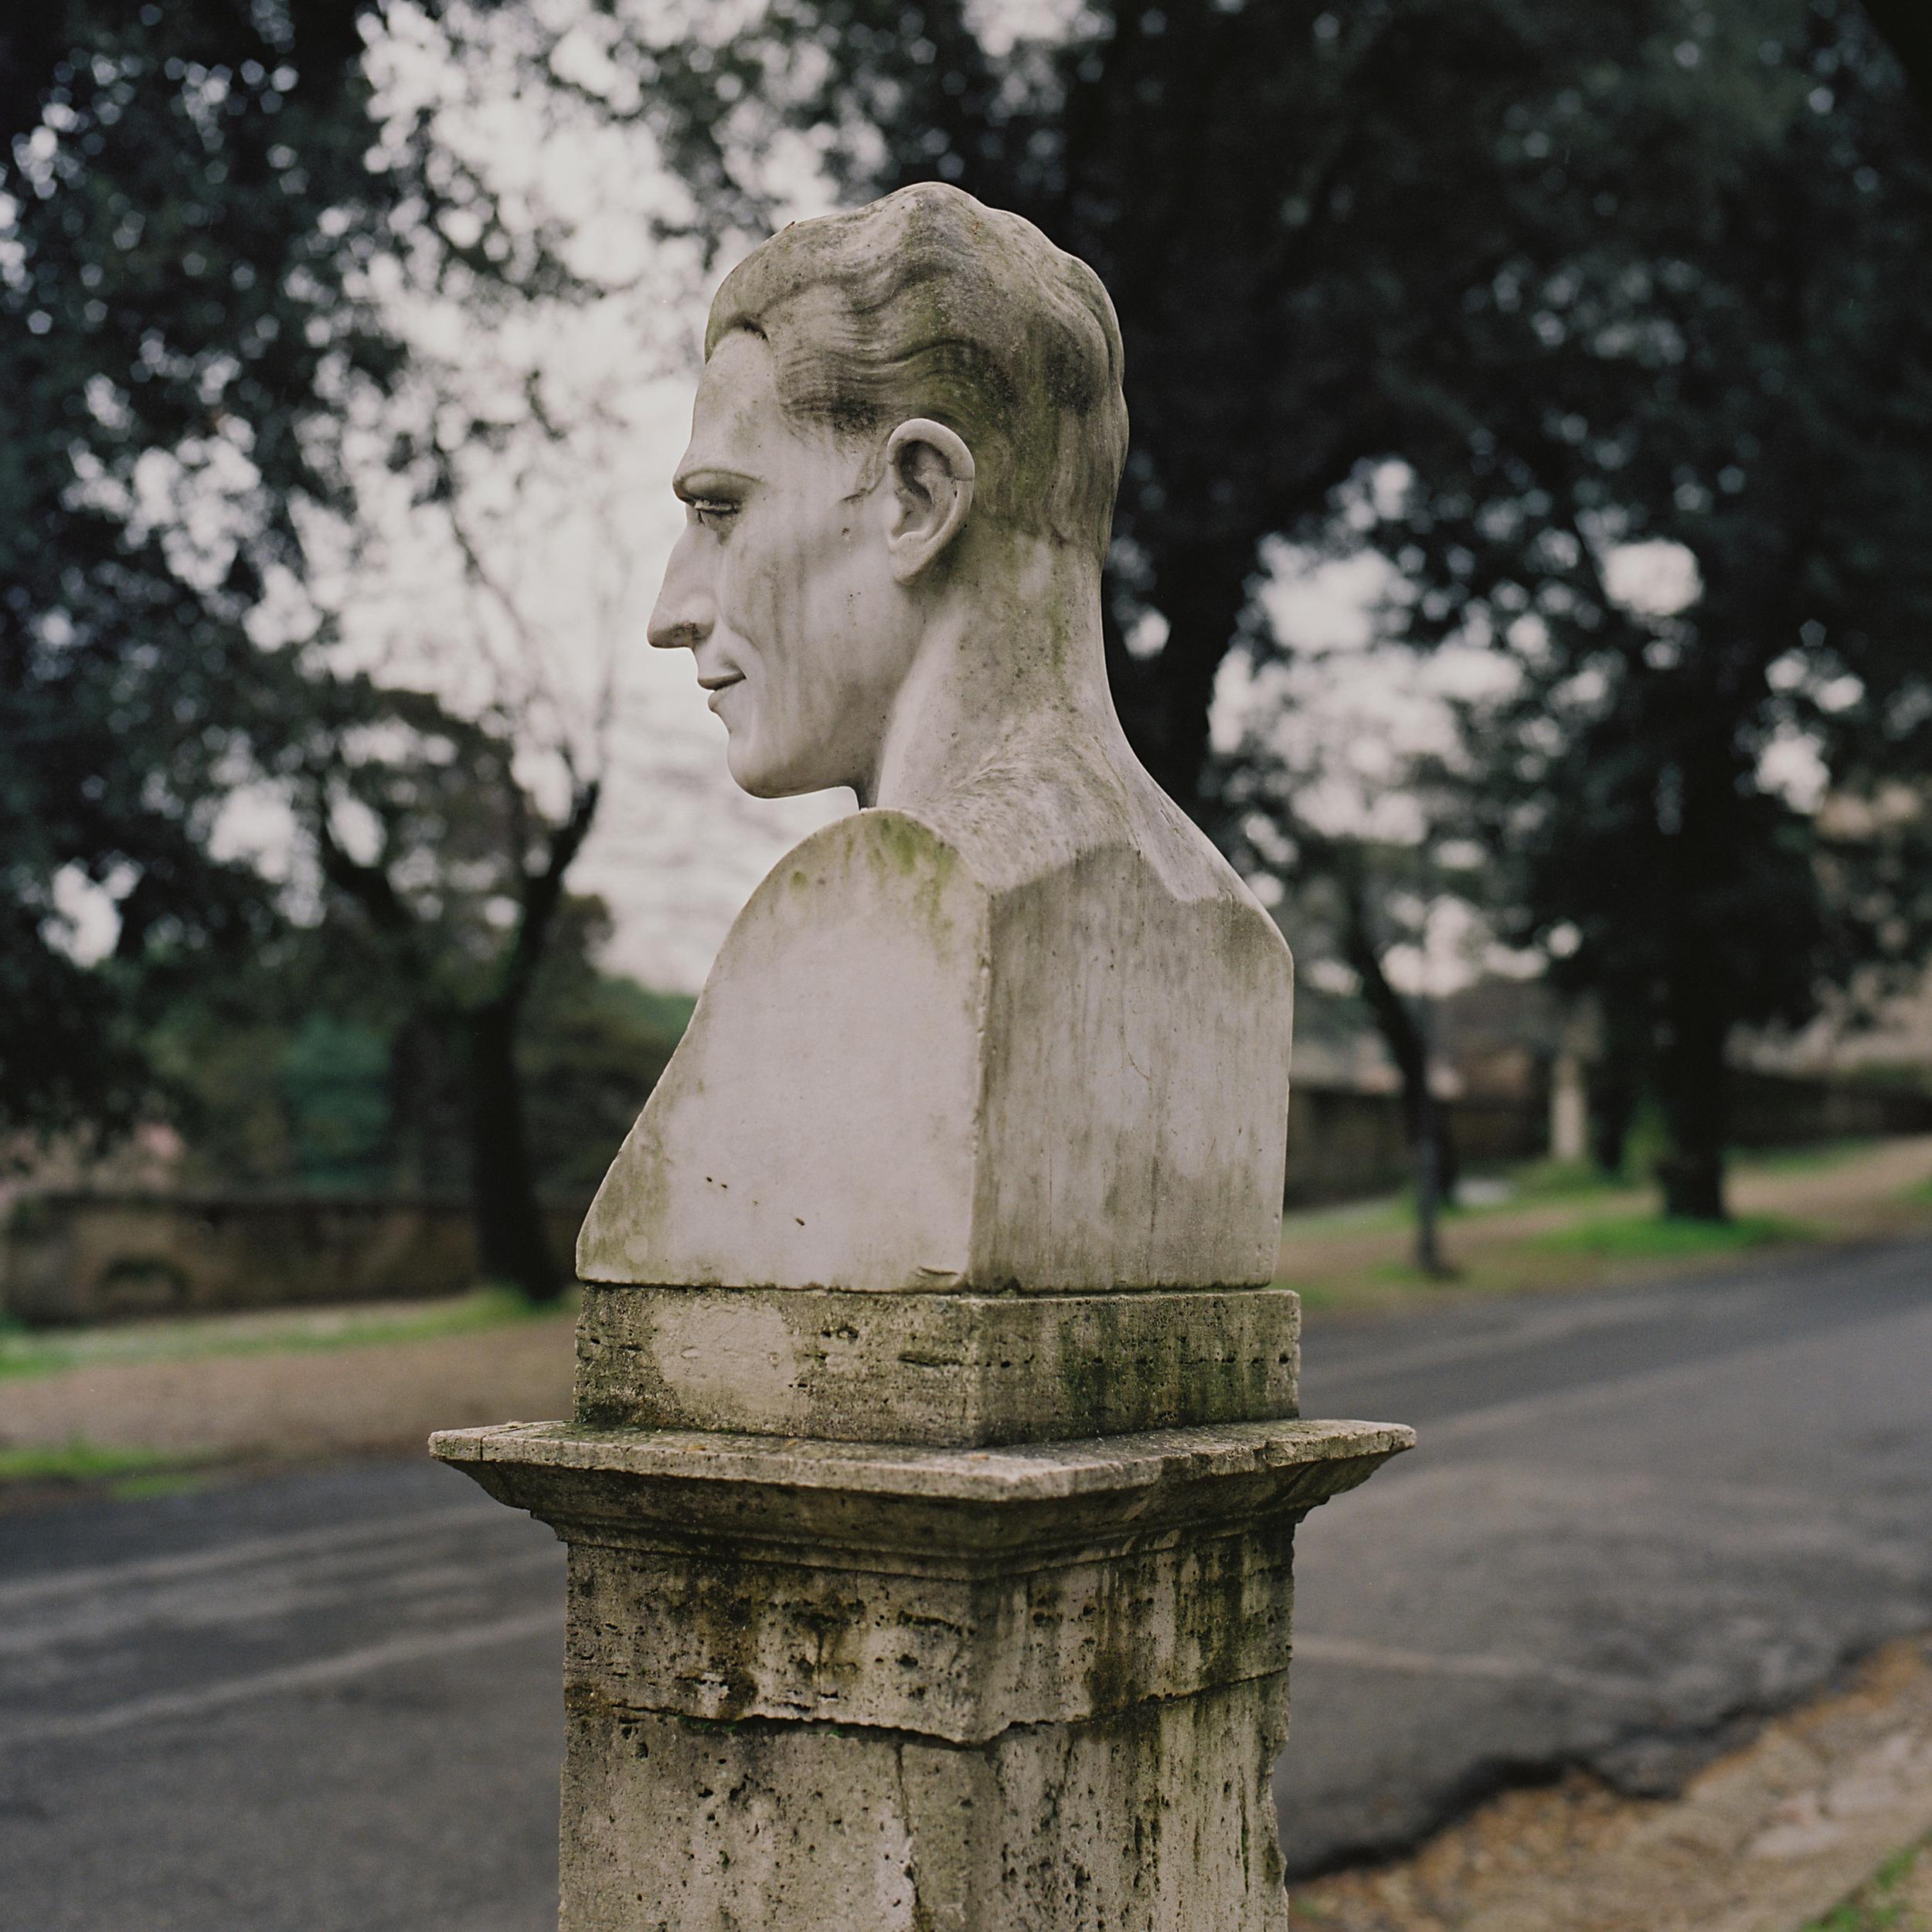 Carlo del Prete, Borghese Gardens, Rome, 2015